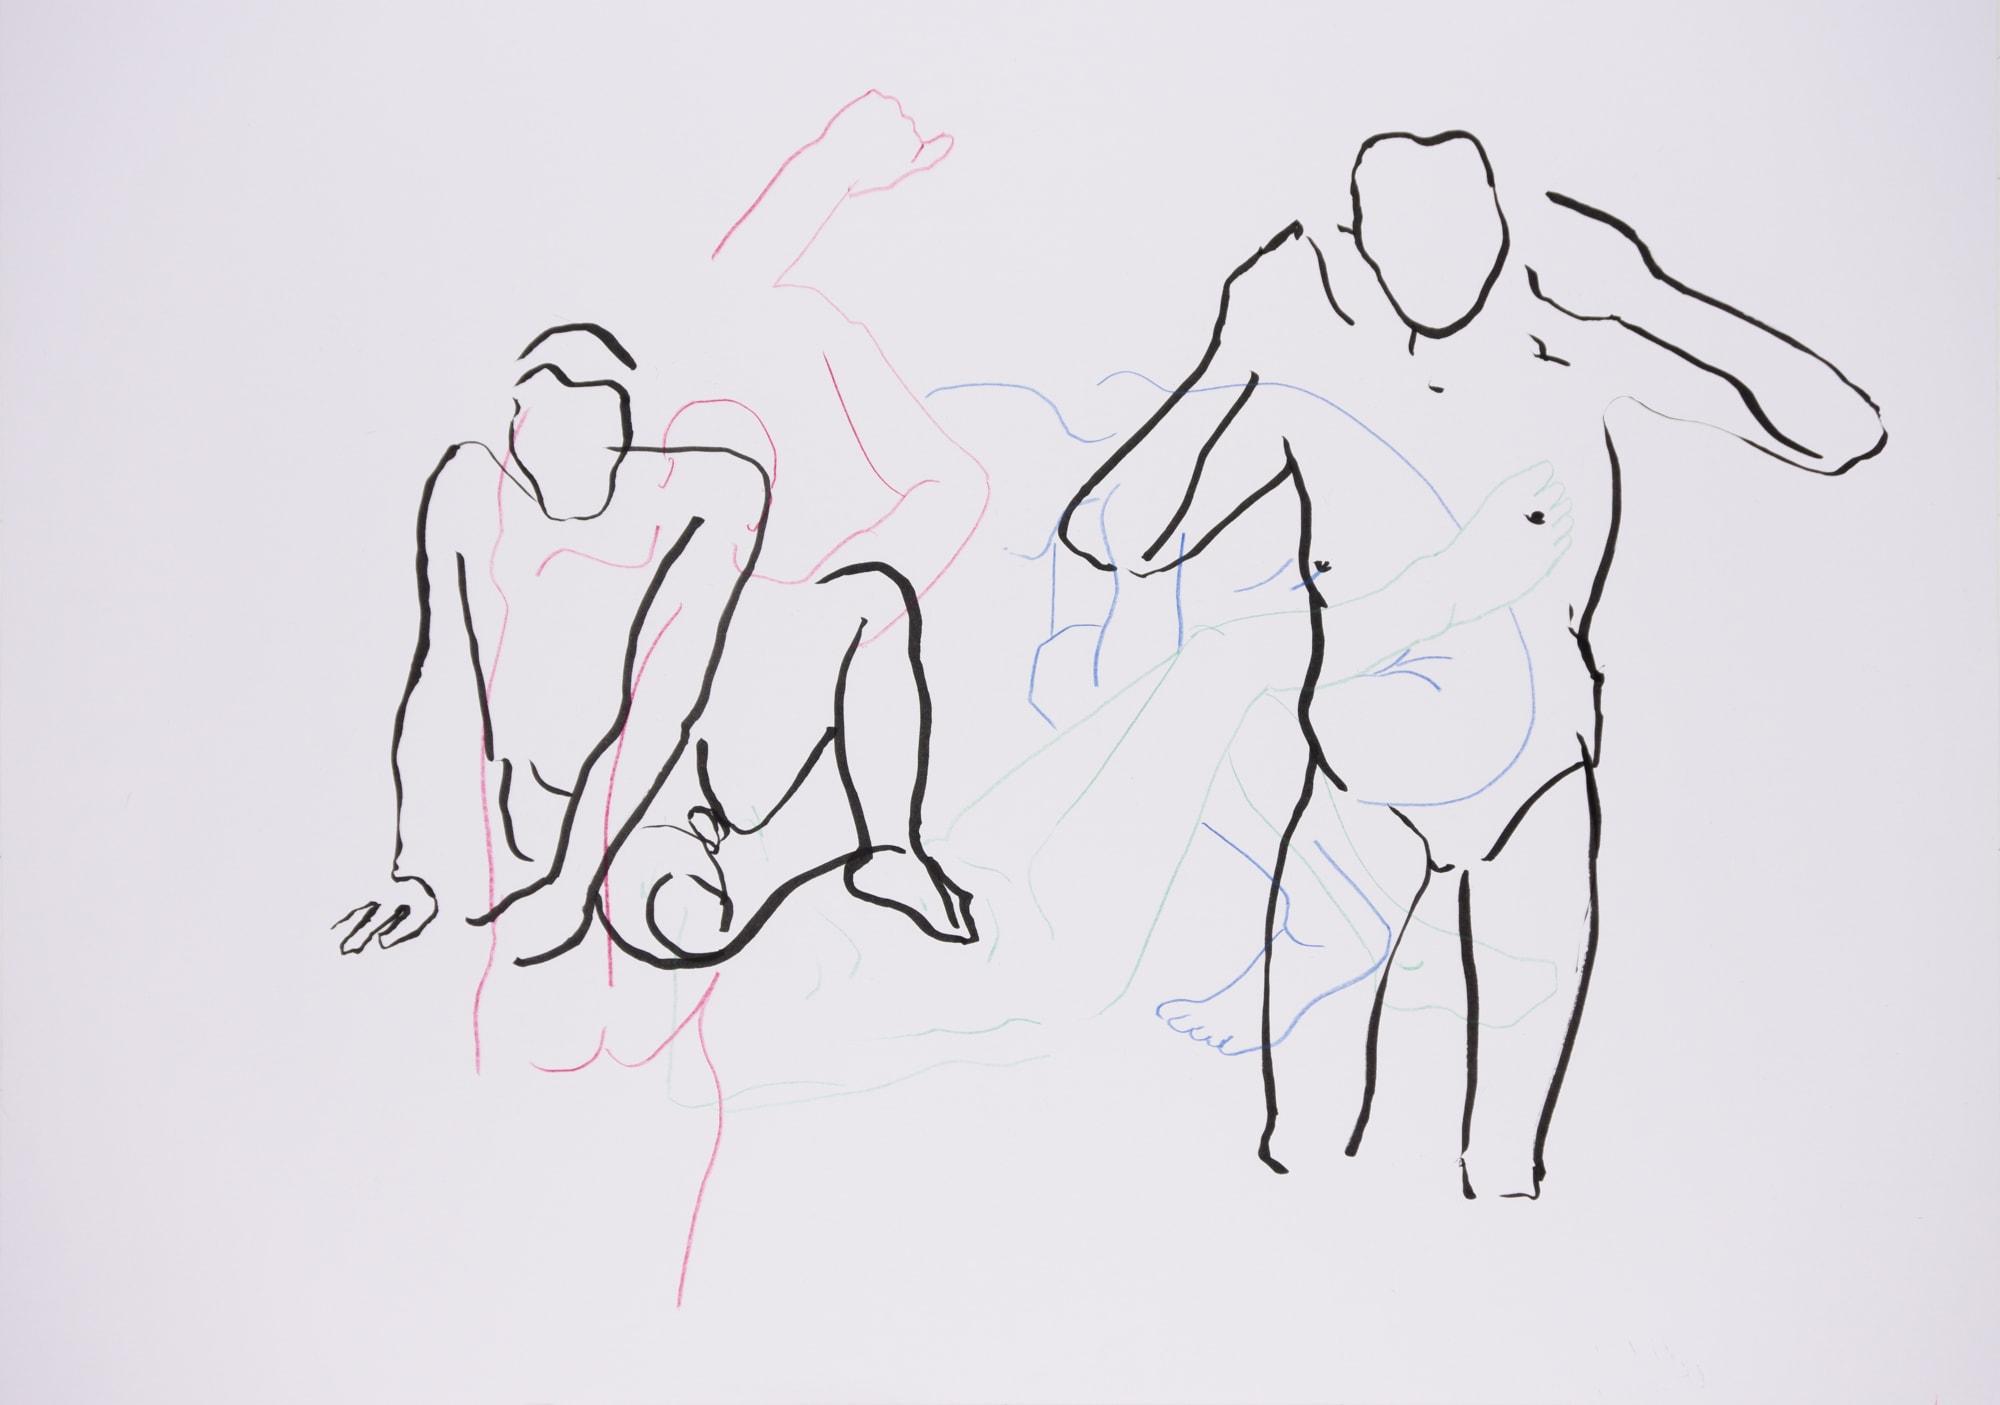 Zeichnung, Farbstift und Tusche auf Papier, 59,4x42cm, Männerakt, Künstlerin: Franziska King